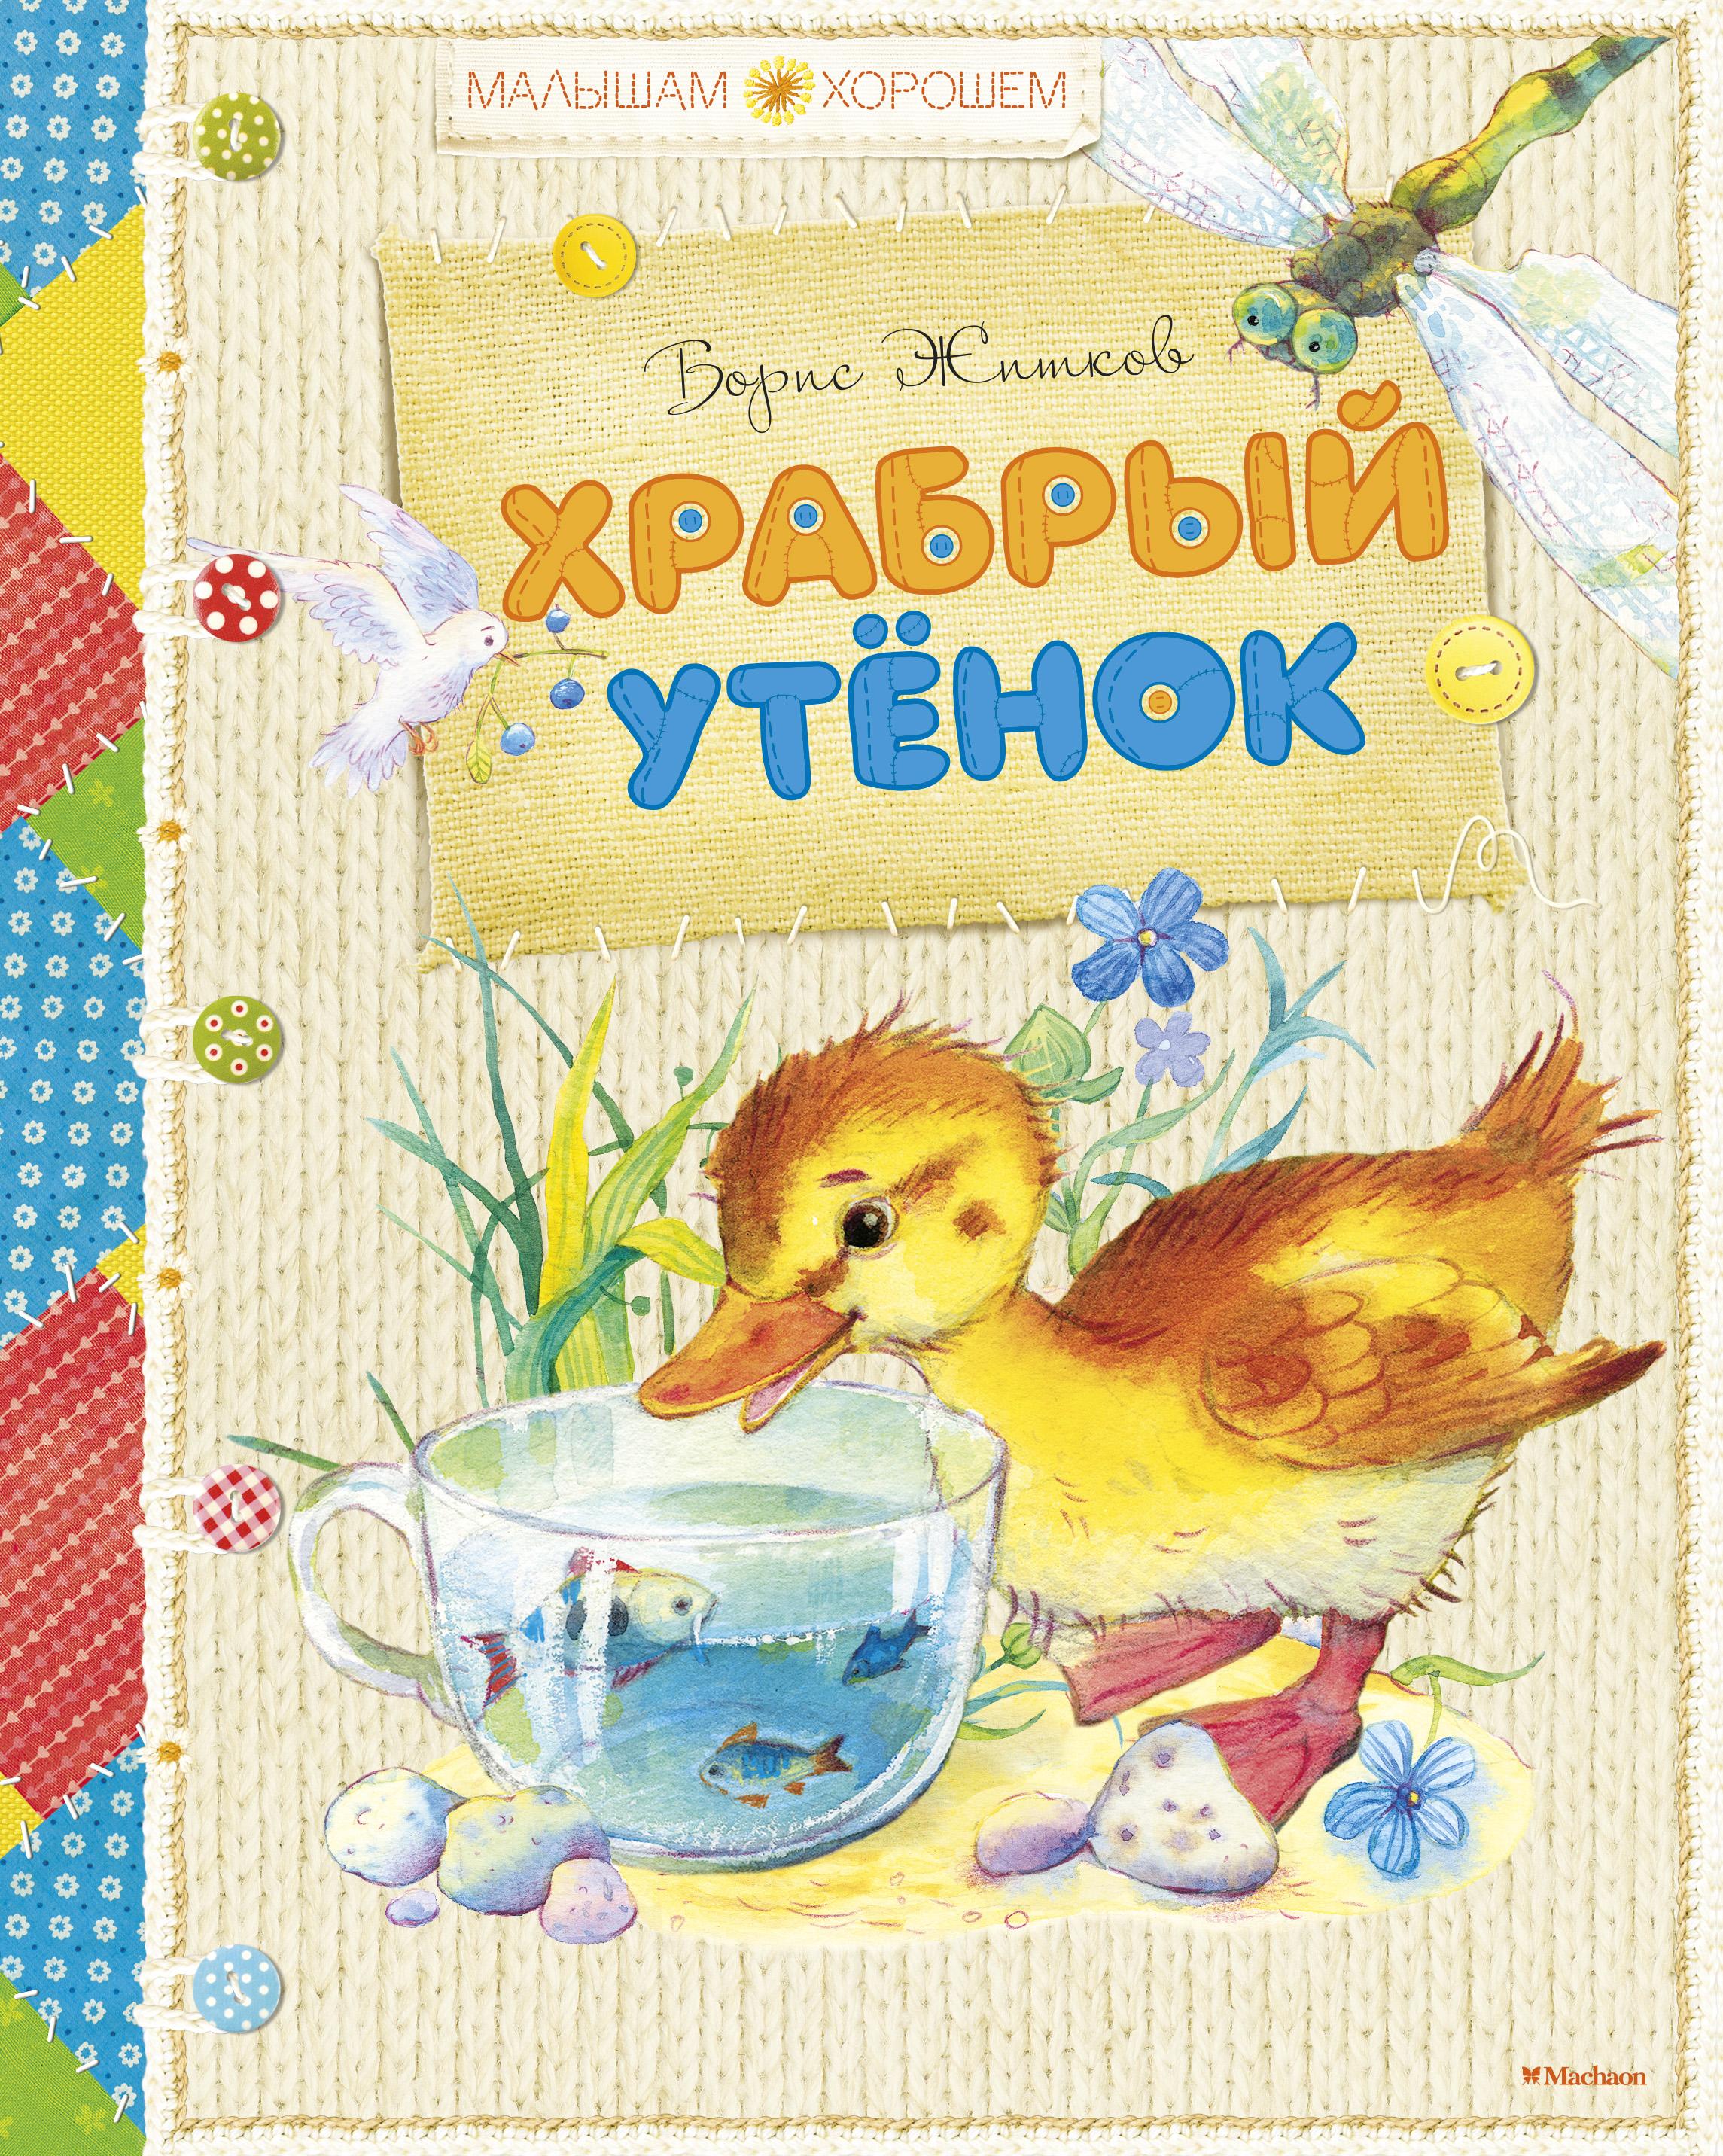 Борис Житков Храбрый утенок (сборник) житков б даль в федоров давыдов а горький м храбрый утенок